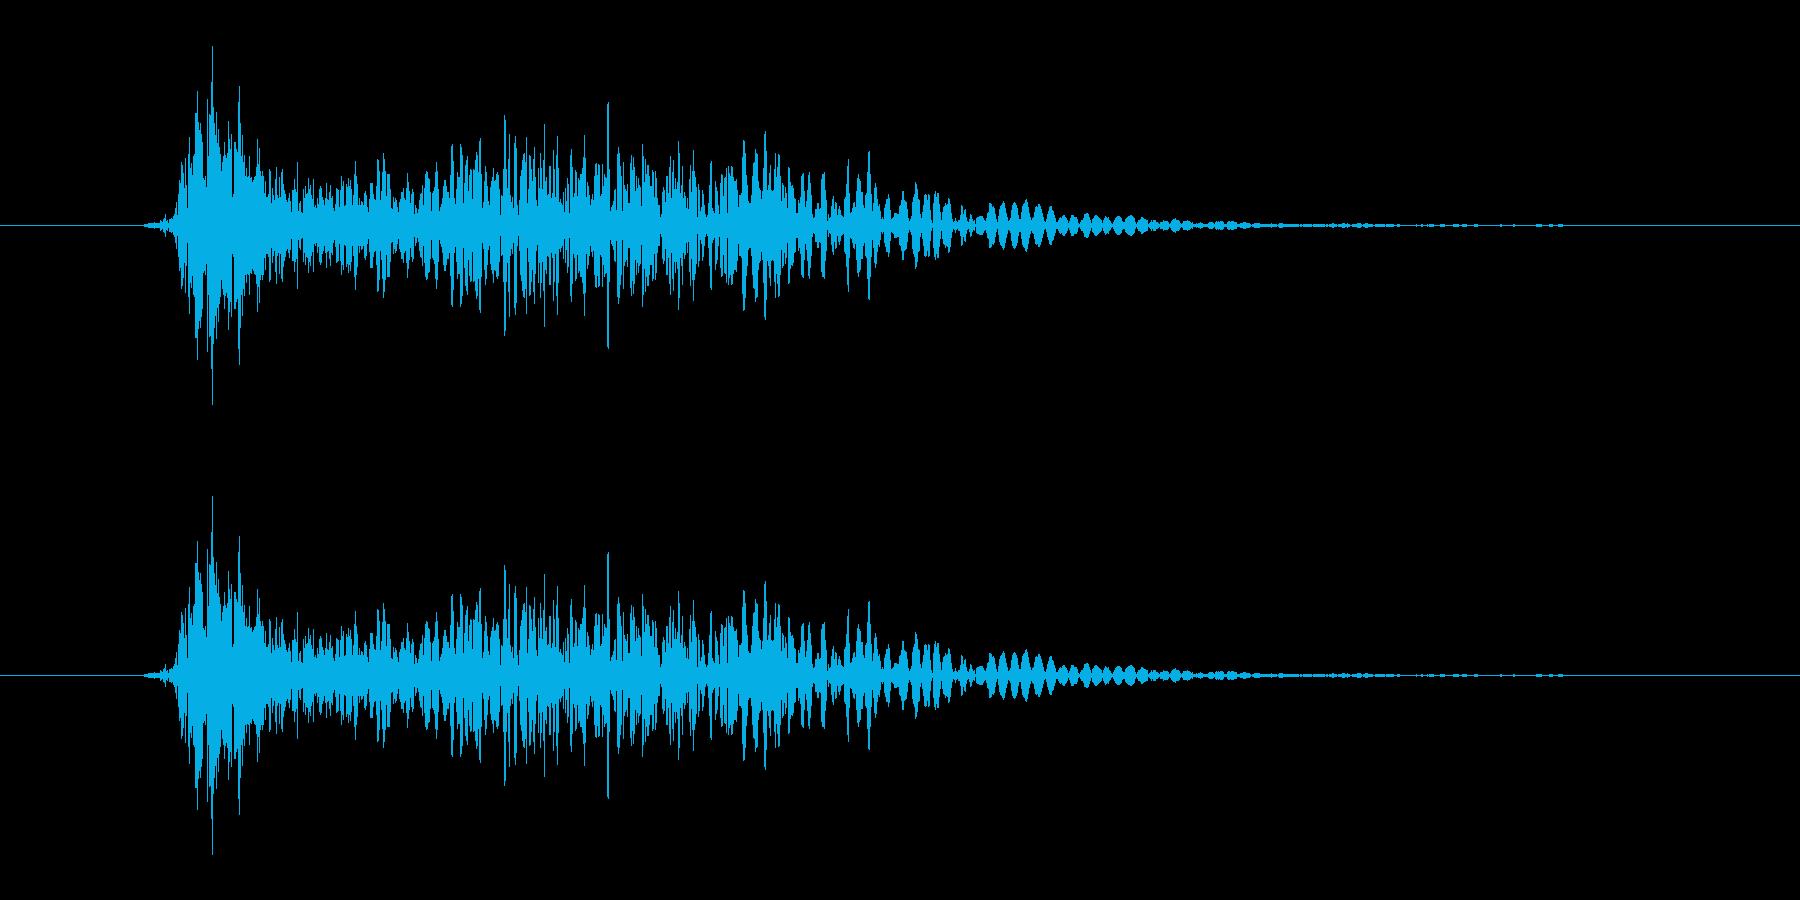 カモン(魔王のような声)の再生済みの波形